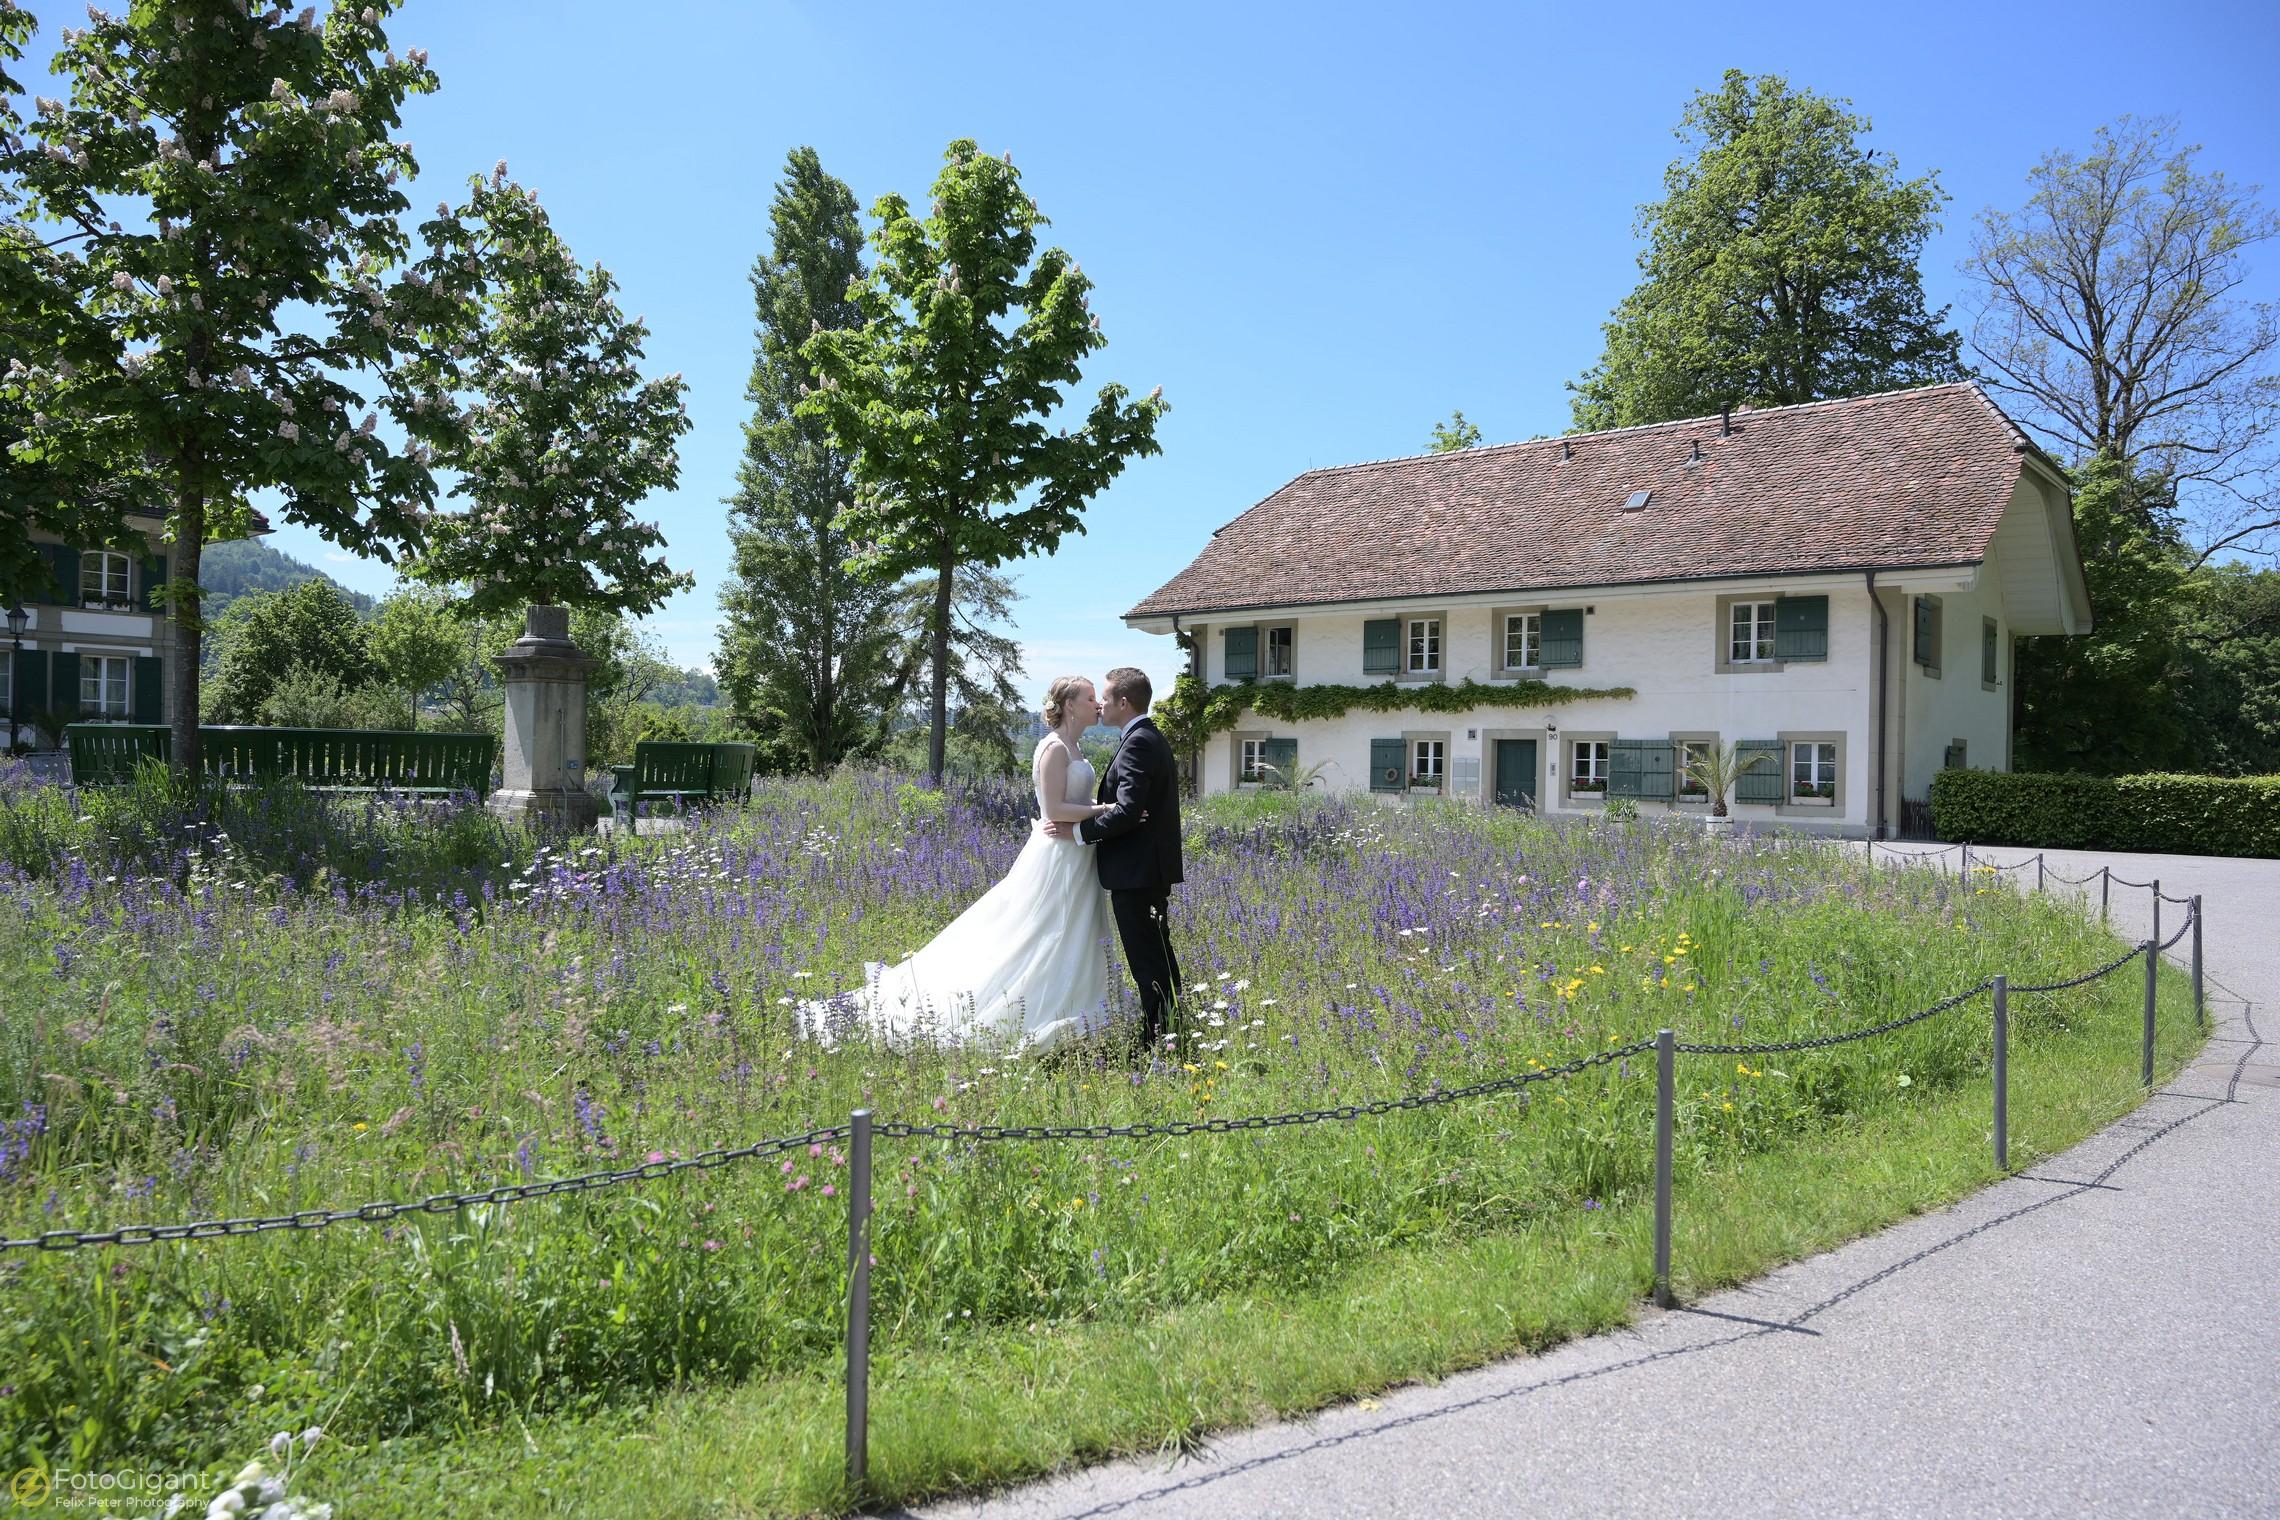 Hochzeitsfotografieworkshop_38.jpg